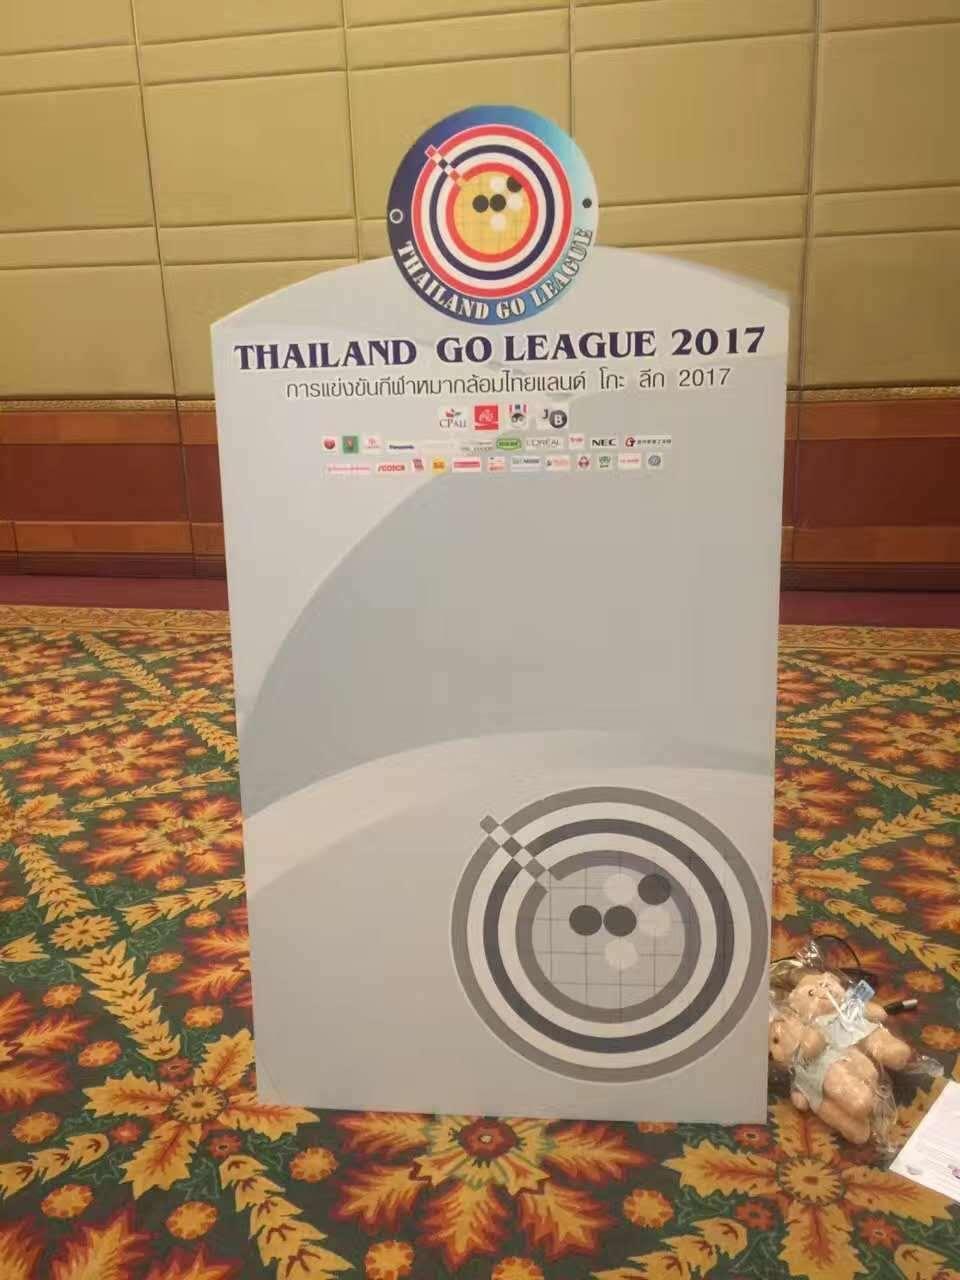 泰国围棋联赛开幕 海外围棋活动一片火热